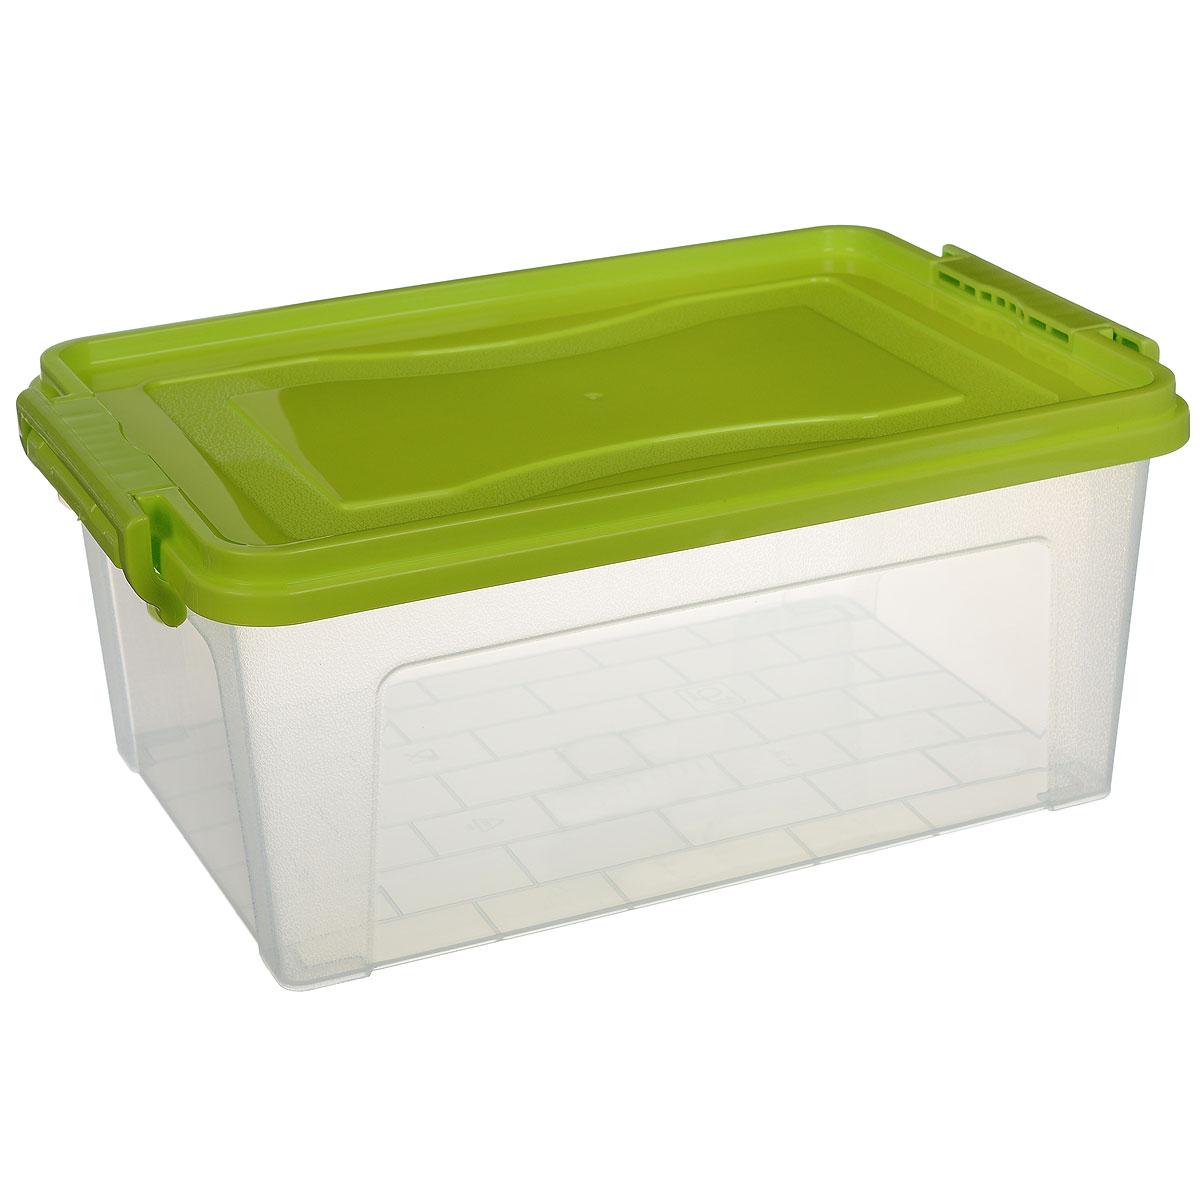 Контейнер для хранения Idea, прямоугольный, цвет: салатовый, прозрачный, 8,5 л